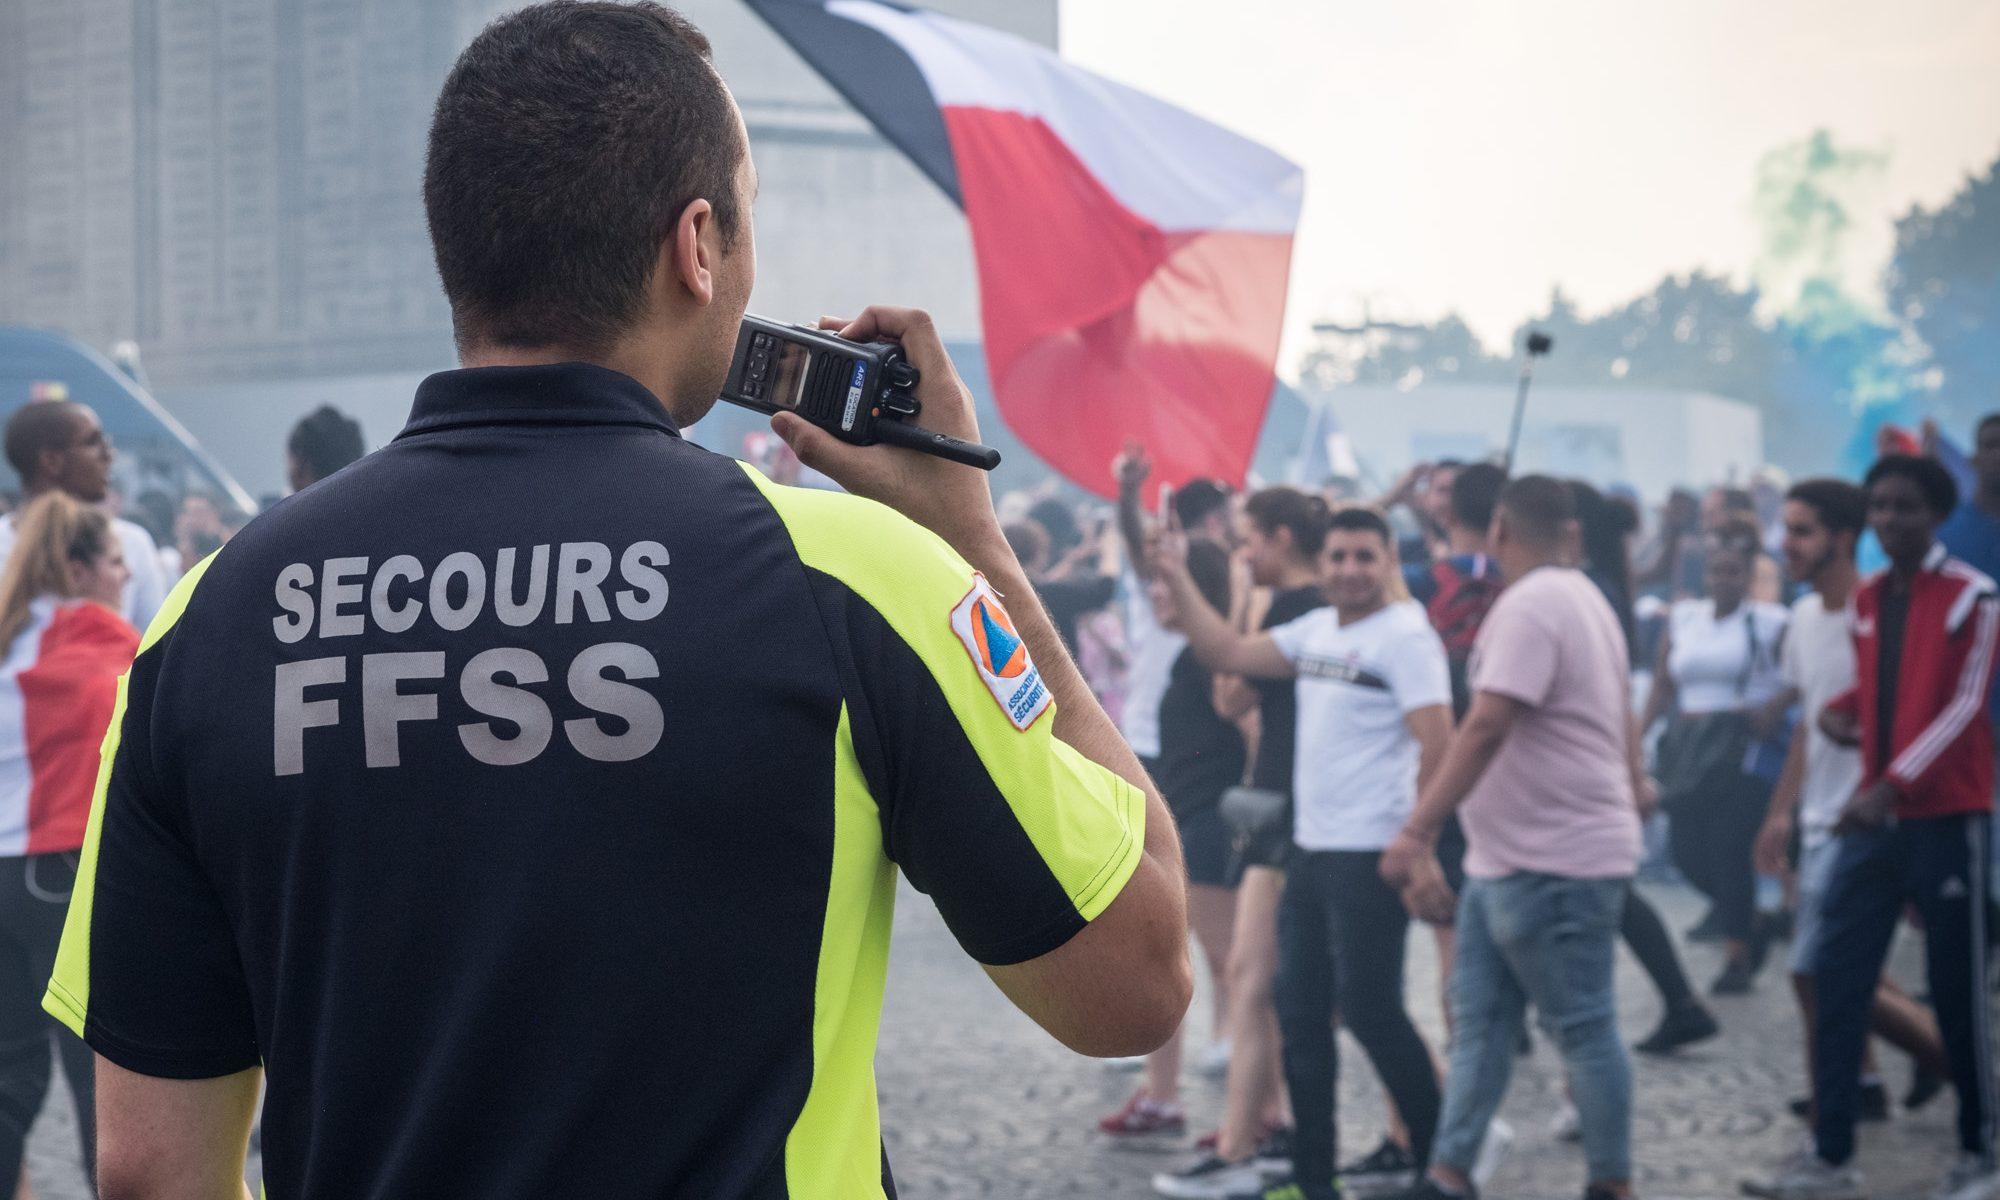 FFSS - ADSS